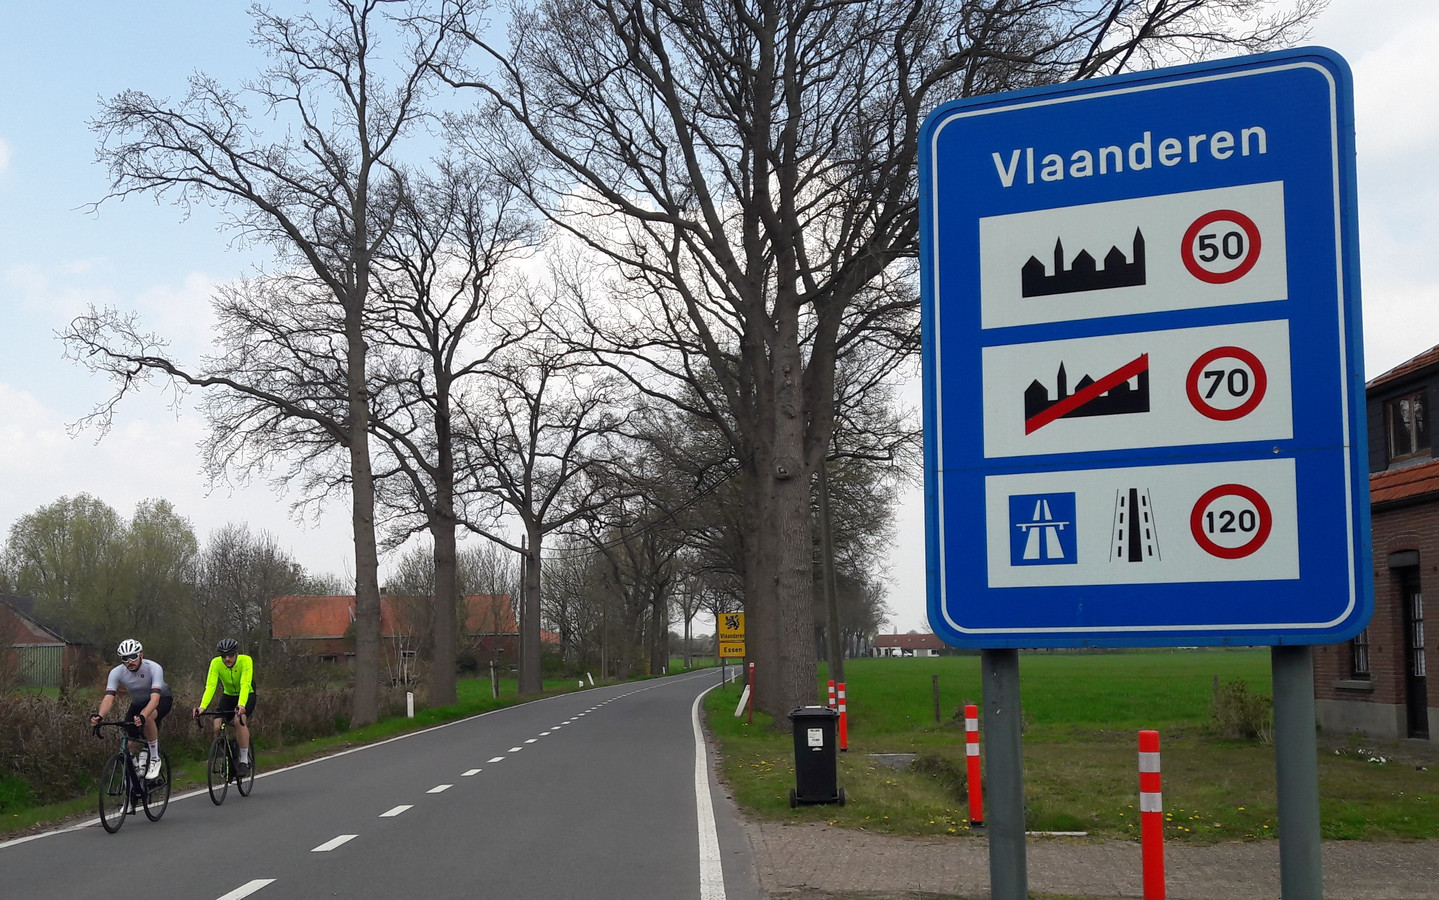 Wie van Huijbergen richting Essen fietst, moet de weg delen met vaak stevig doorrijdende auto's. Pas bij Essen-Hoek zijn er aan weerszijden fietsstroken langs de weg. Het doortrekken van dat fietspad tot aan de Nederlandse grens zit er voorlopig niet in.